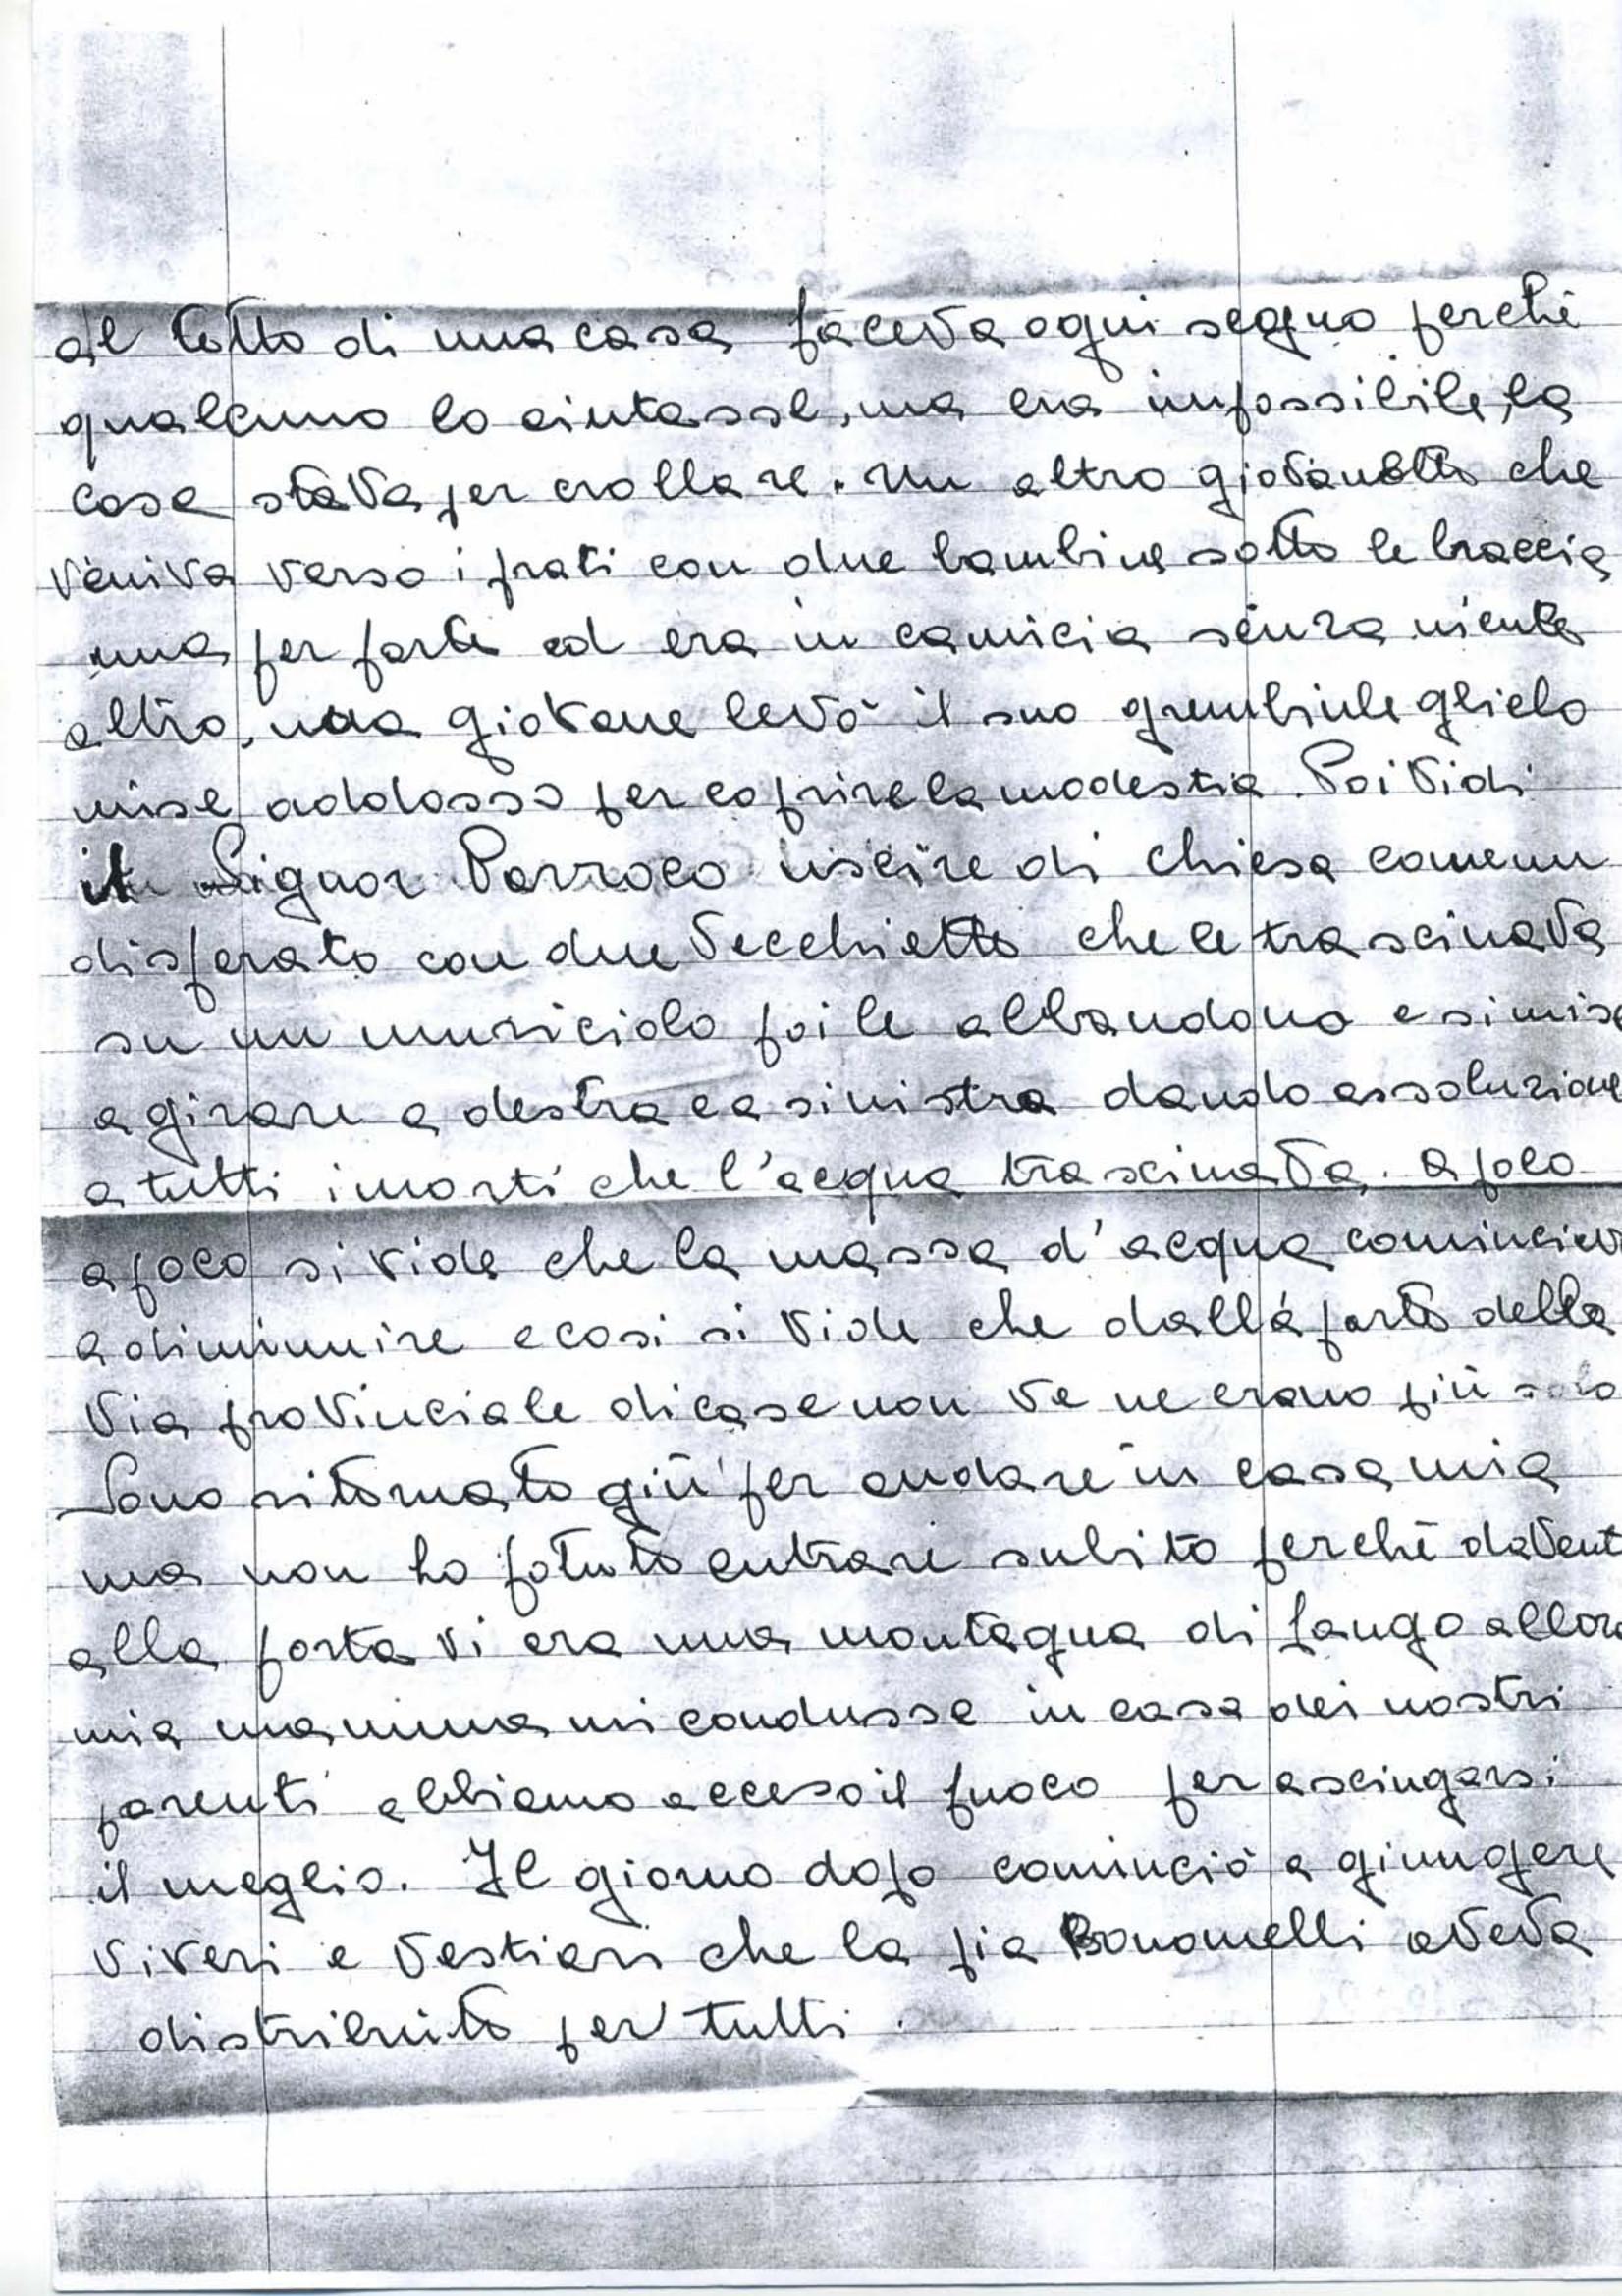 Lettera di Allegris Amadio_02